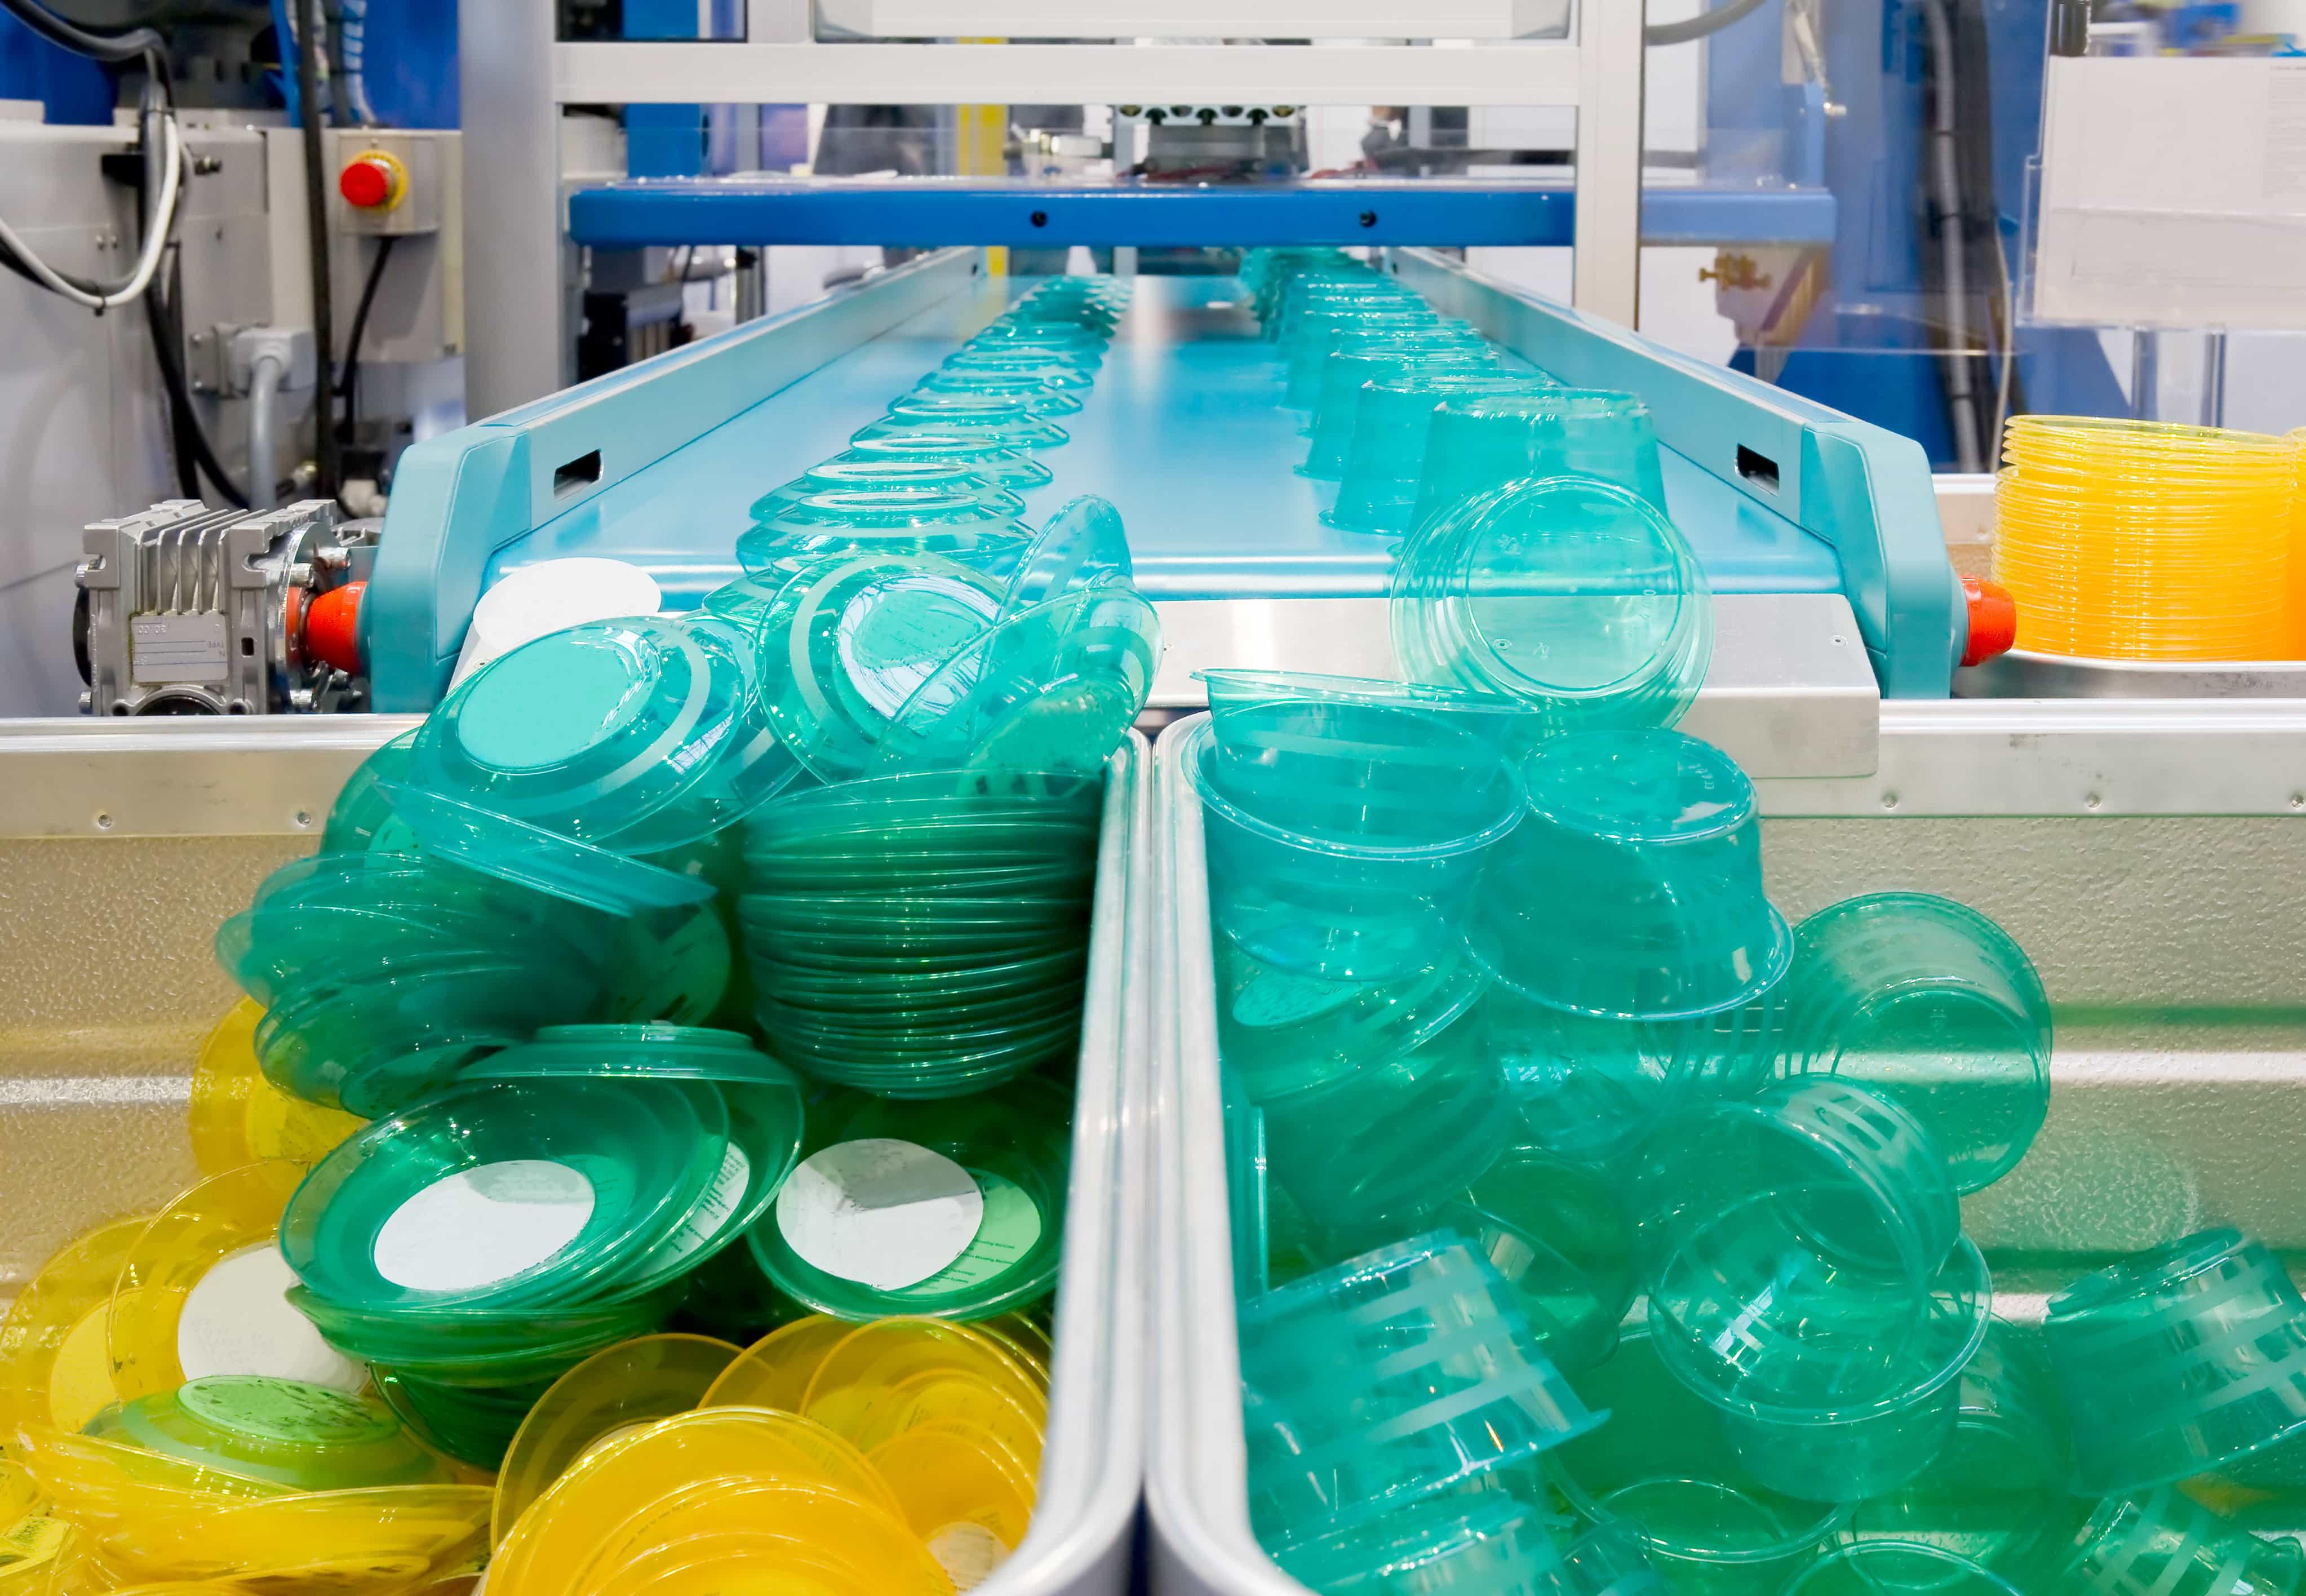 Plastics manufacturing